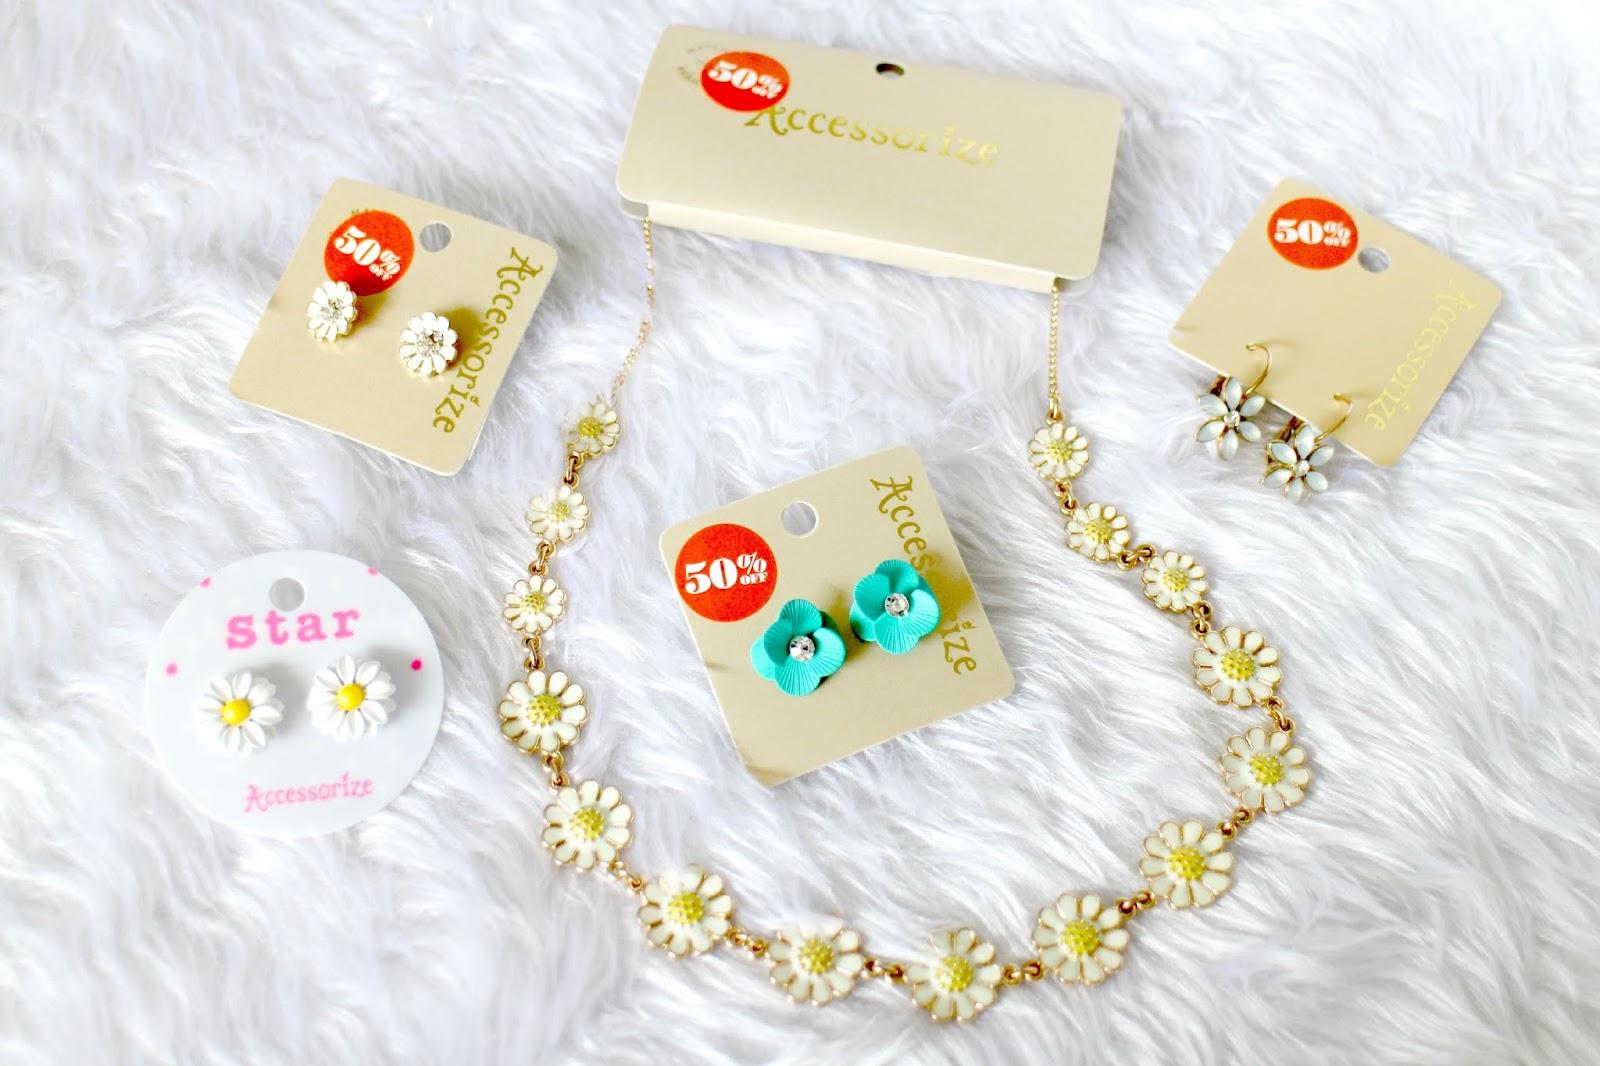 Accessorize Sale Jewellery